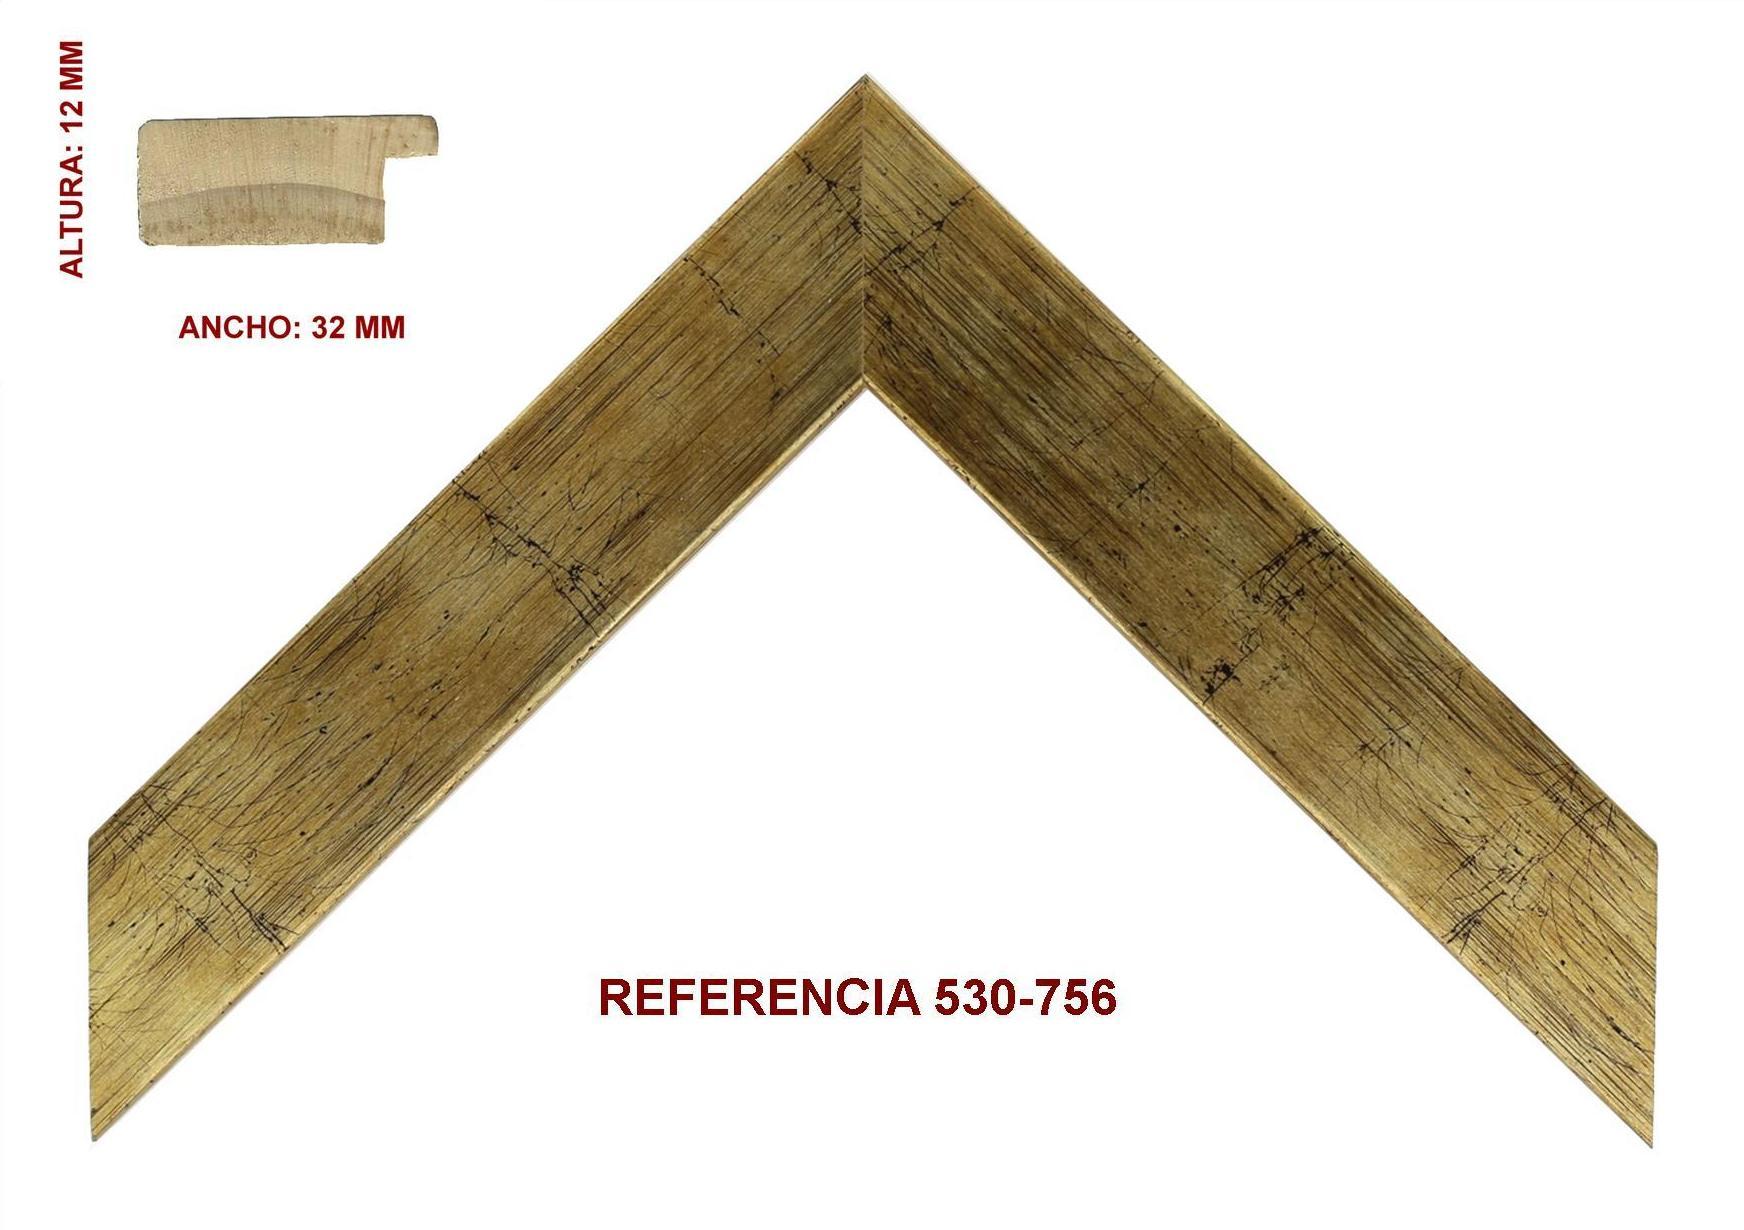 REF 530-756: Muestrario de Moldusevilla